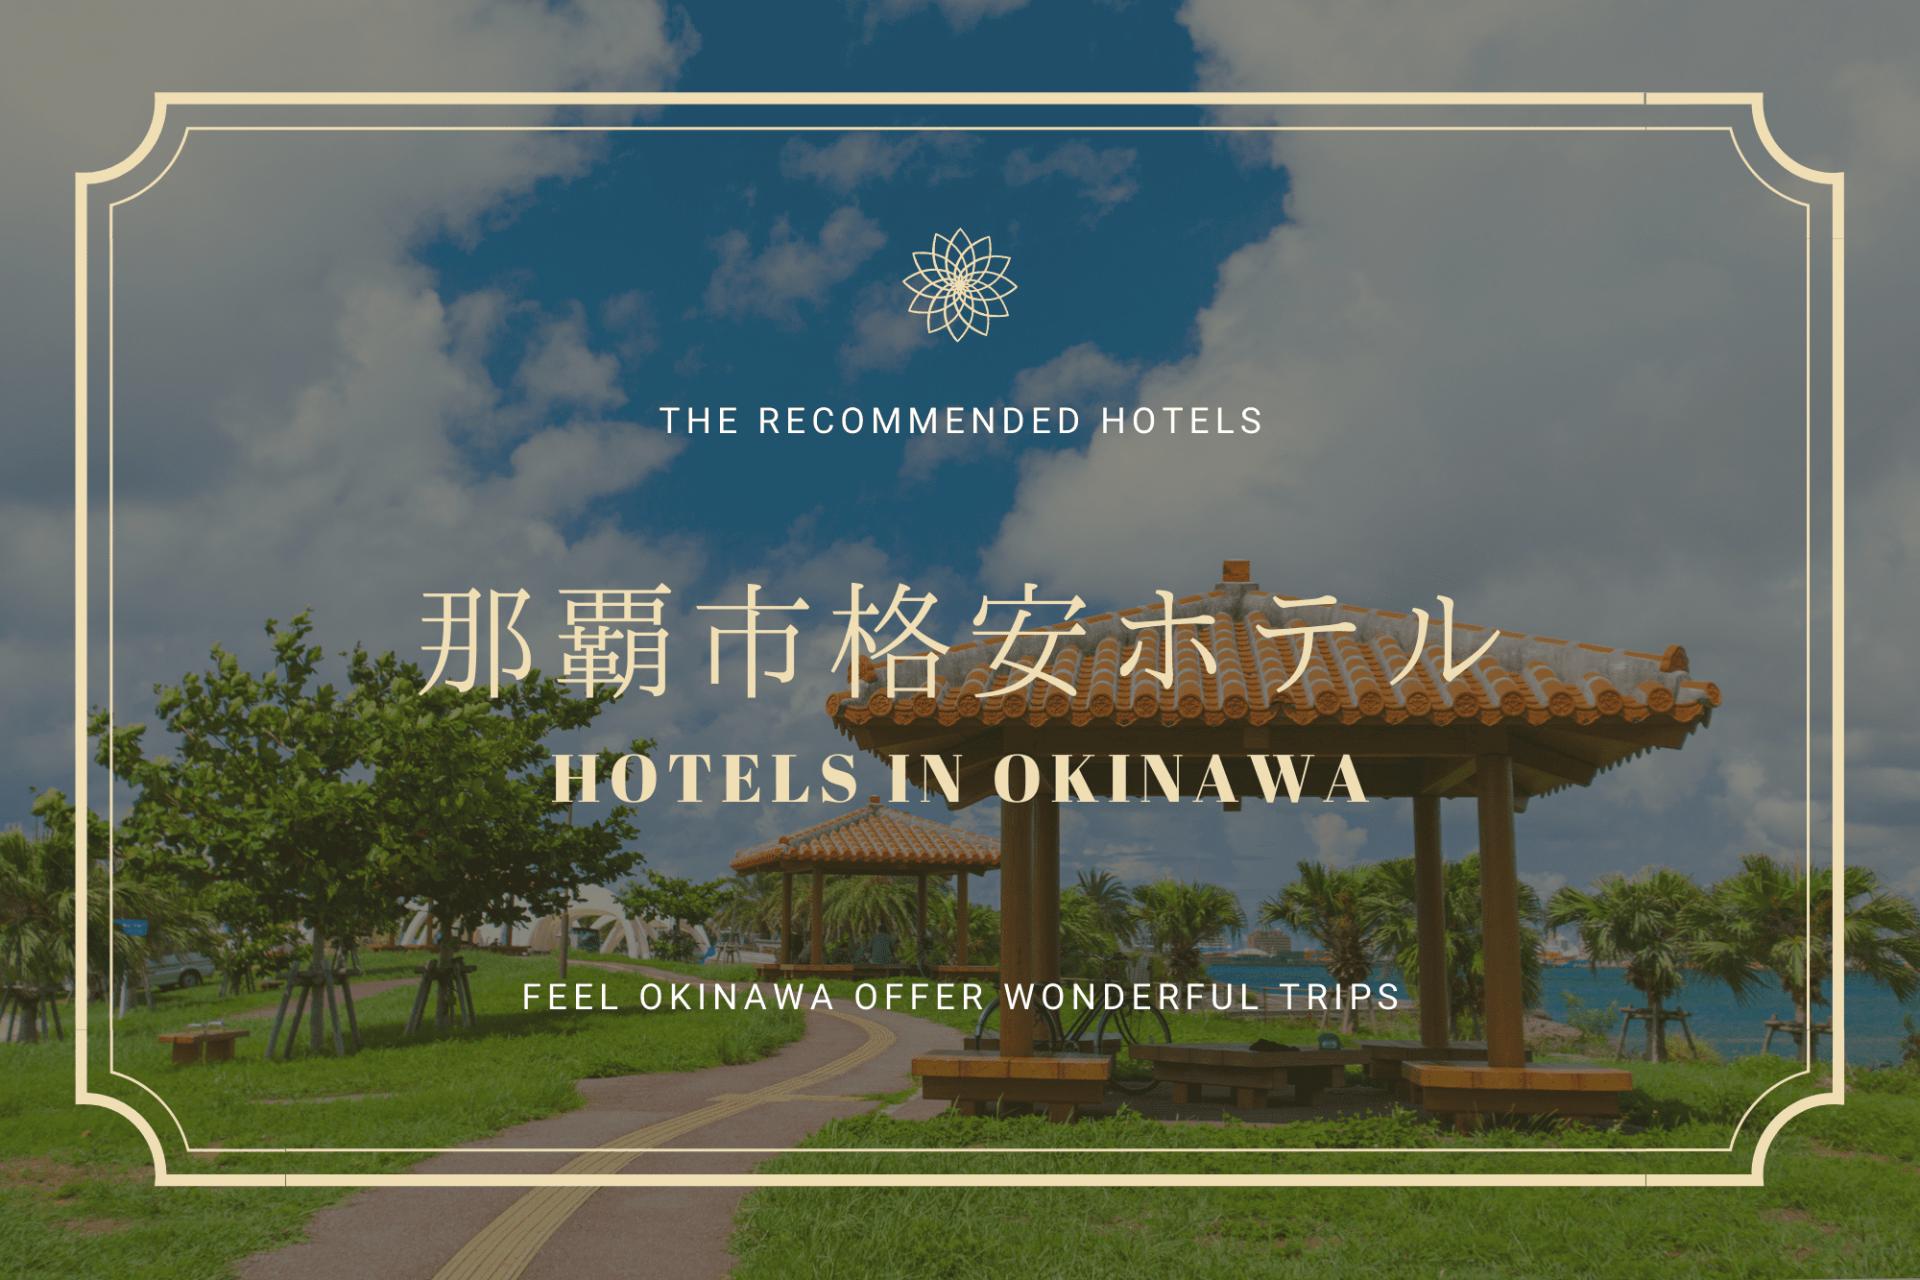 那覇 格安 安い ホテル 沖縄 旅行 観光